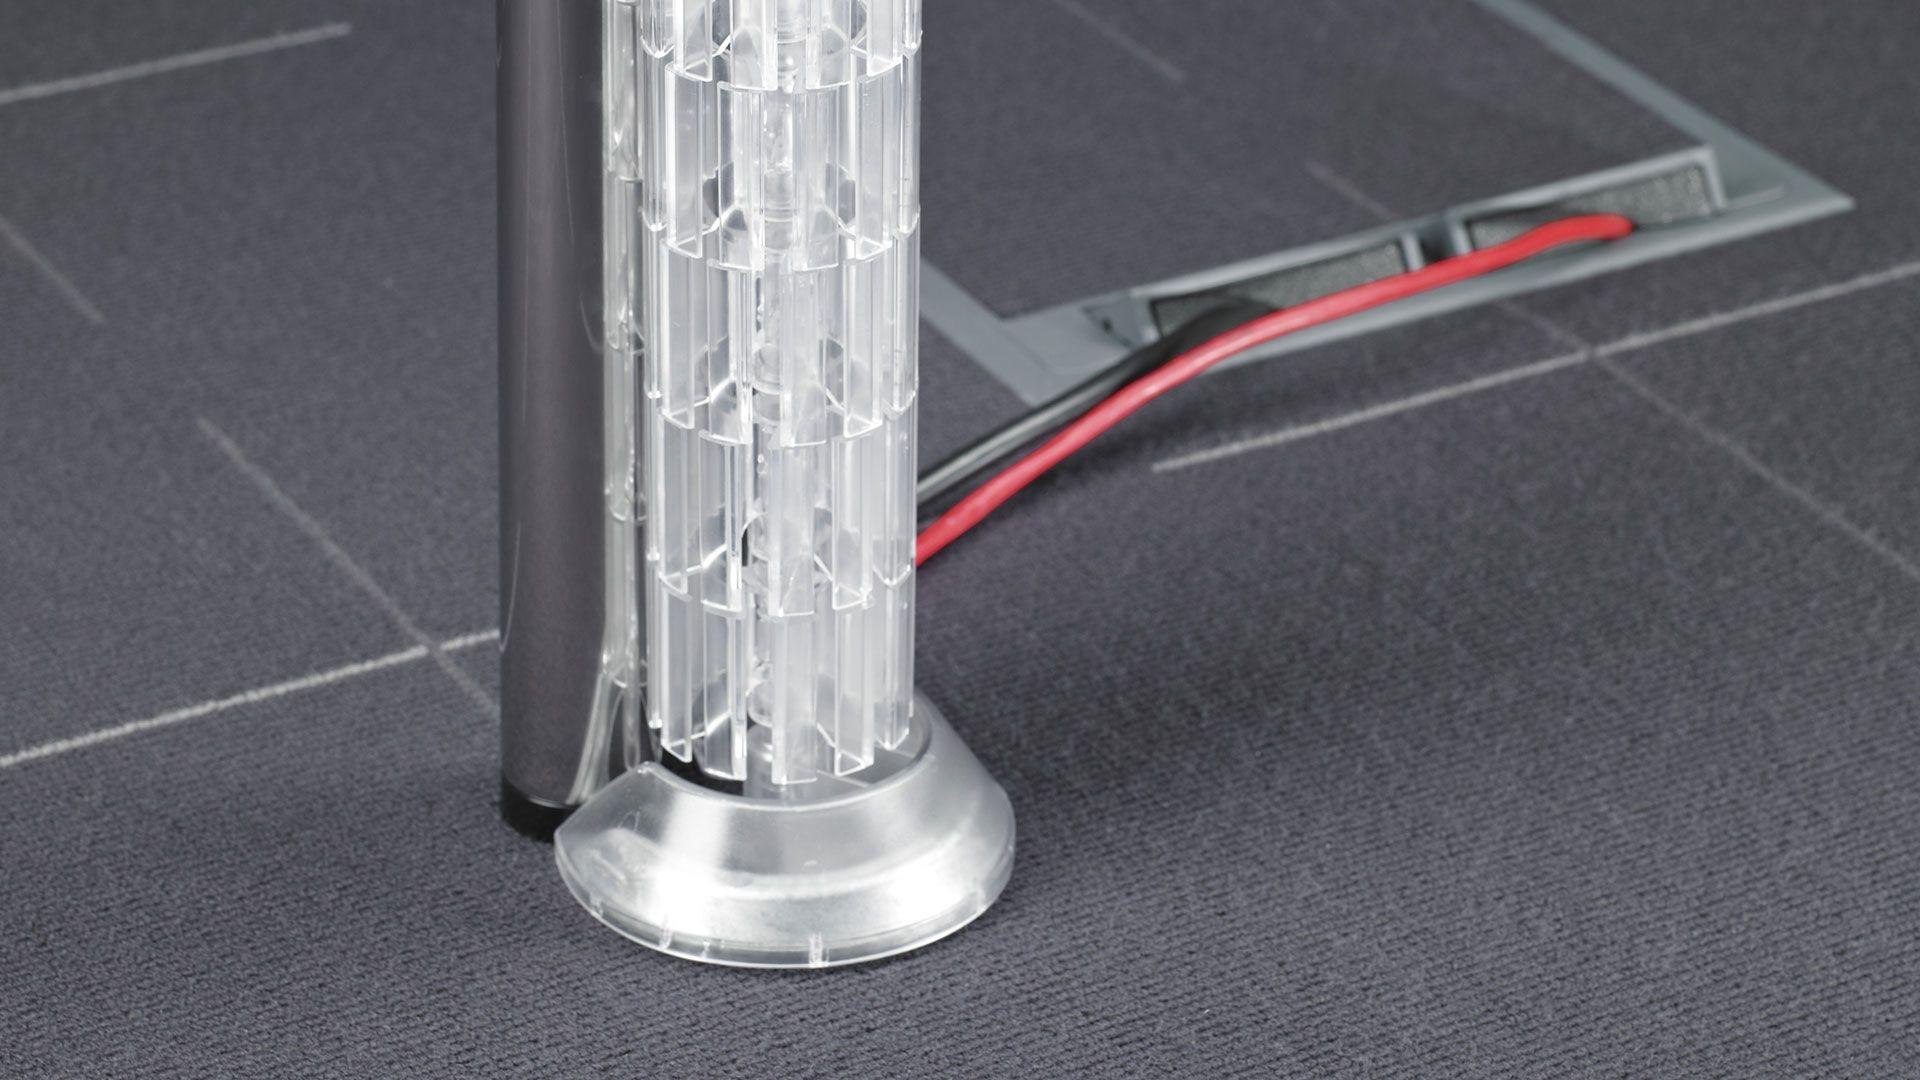 Bueromoebel Metall Kabelkanal vertikal für die problemlose ...